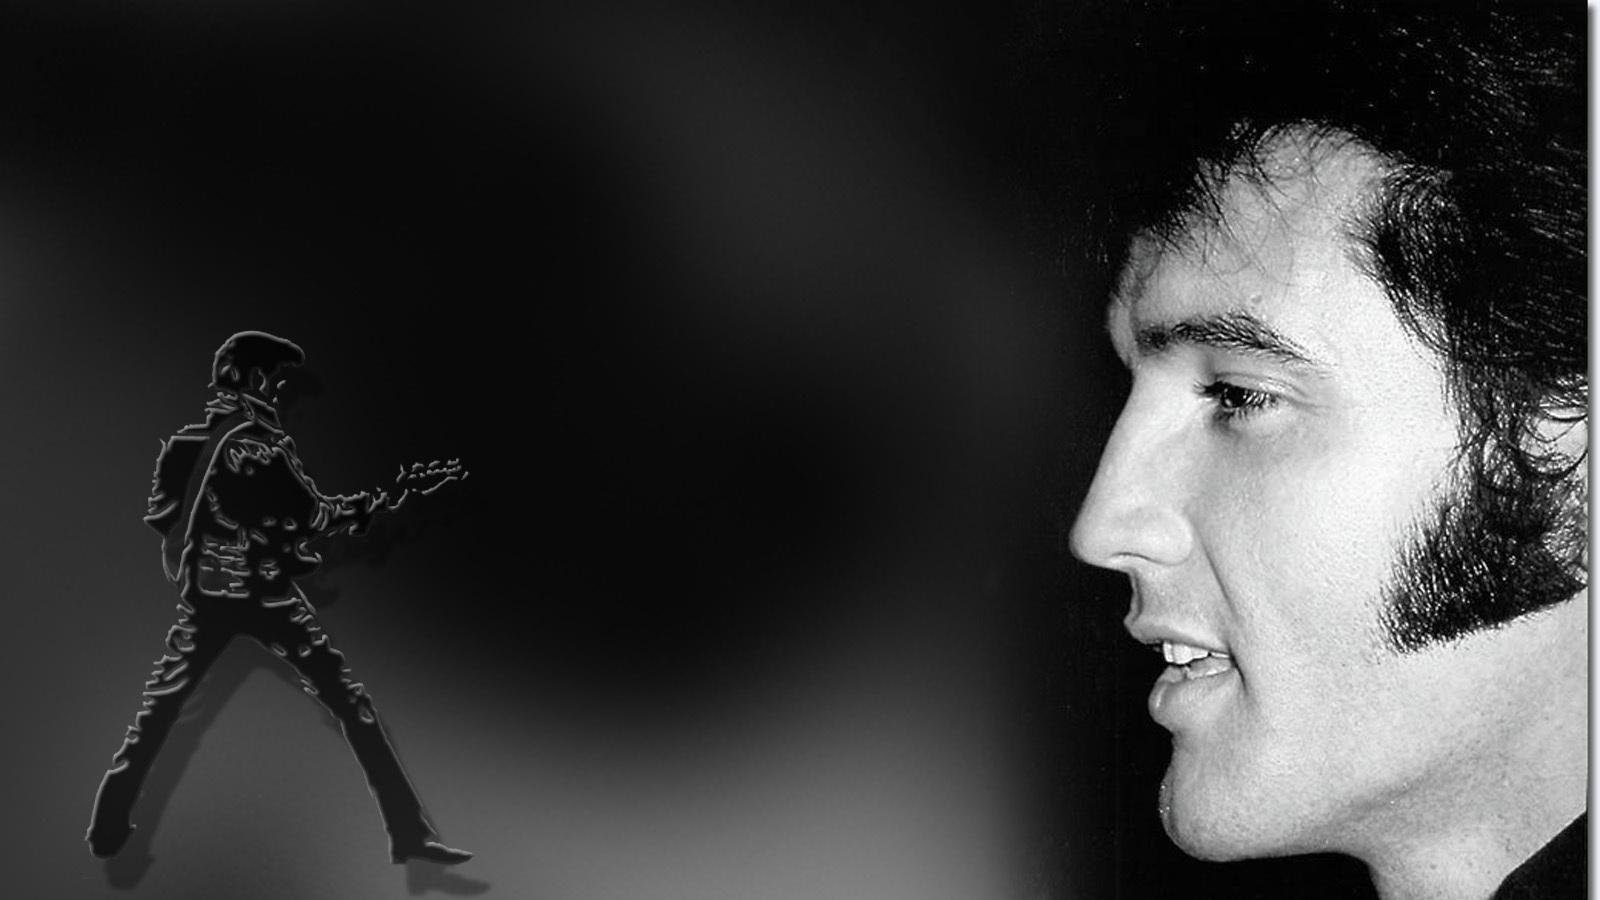 Best Music Wallpapers Elvis Presley download wallpaper 1600x900